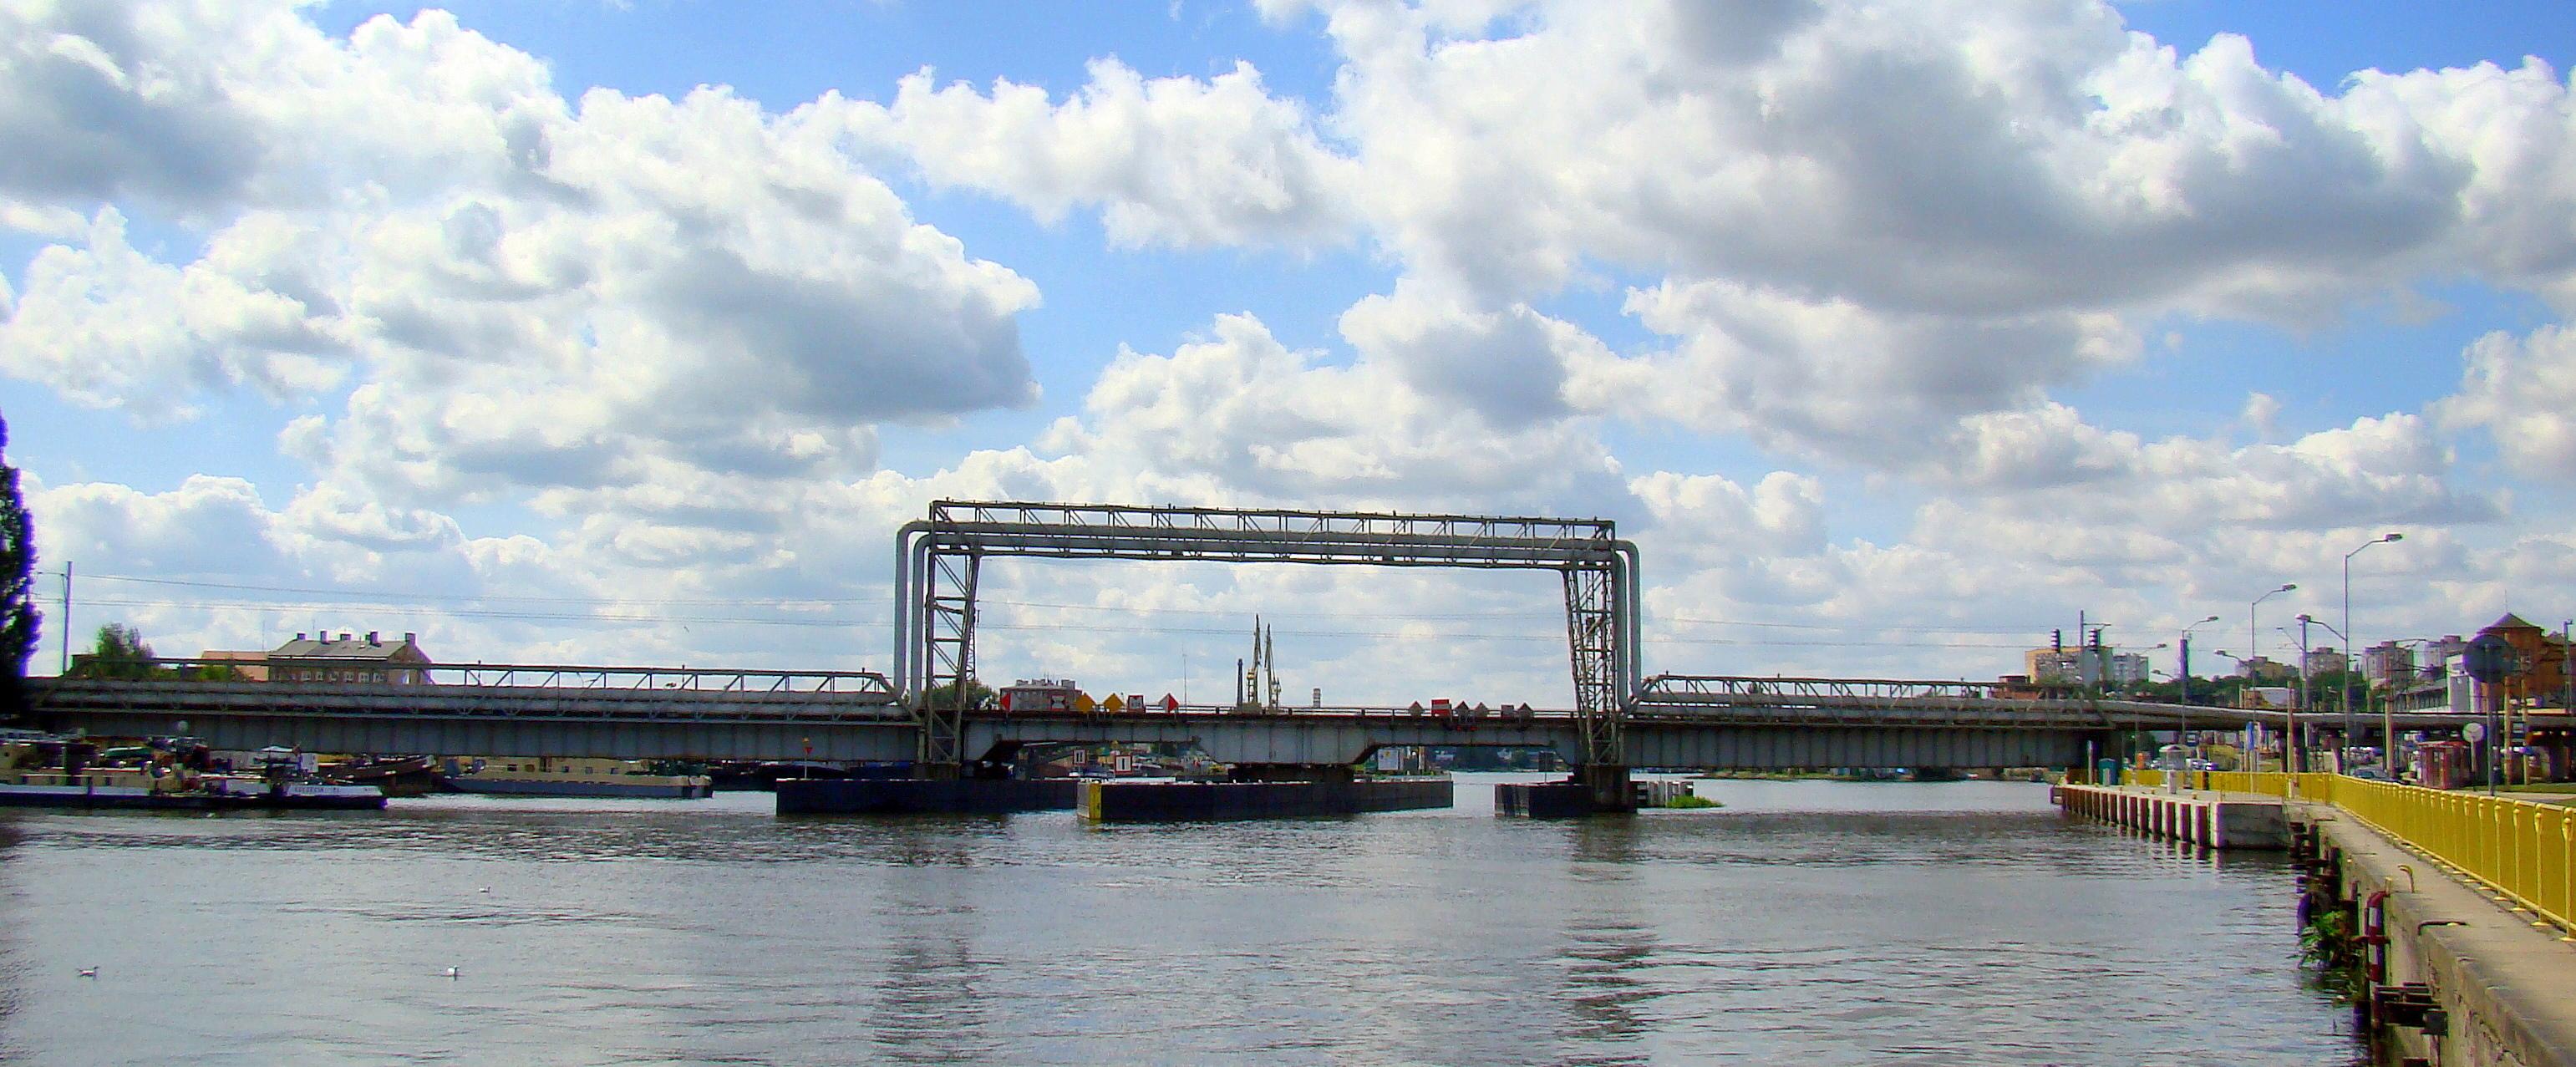 [Obrazek: 0907_Most_Kolejowy_Szczecin_SZN_1.jpg]